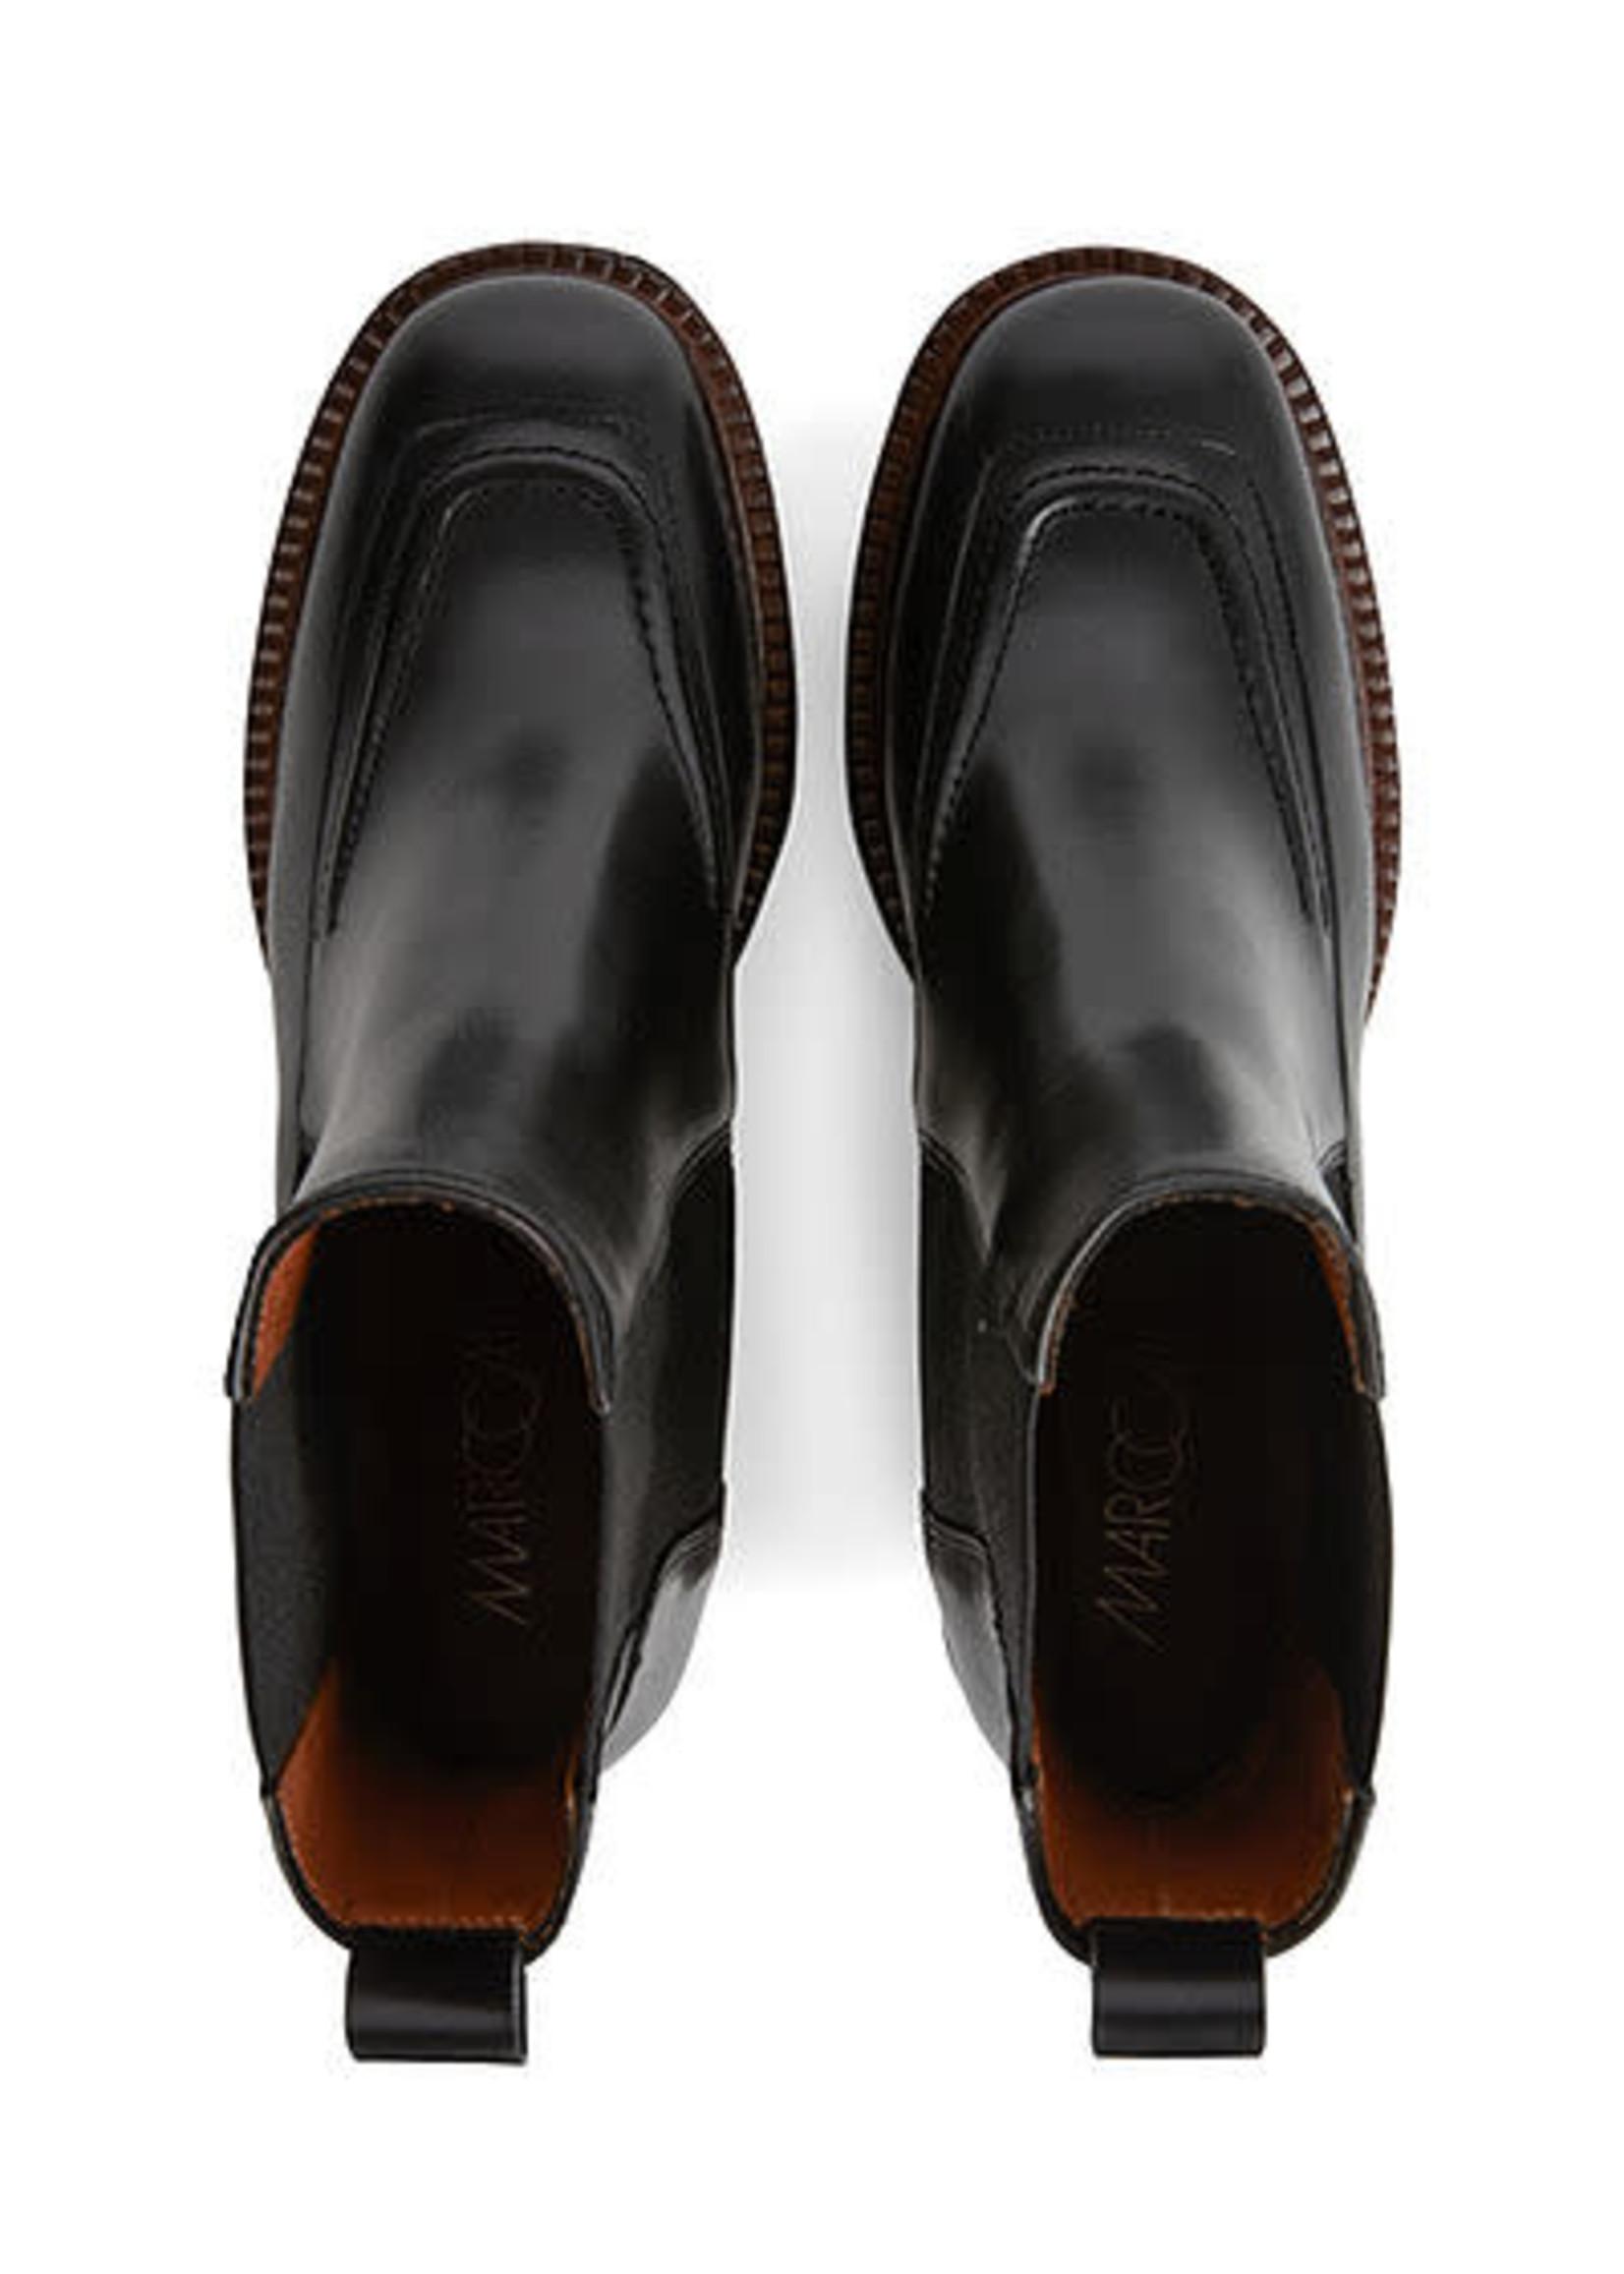 Marccain Bags & Shoes Enkel Laars RB SB.25 L26 black